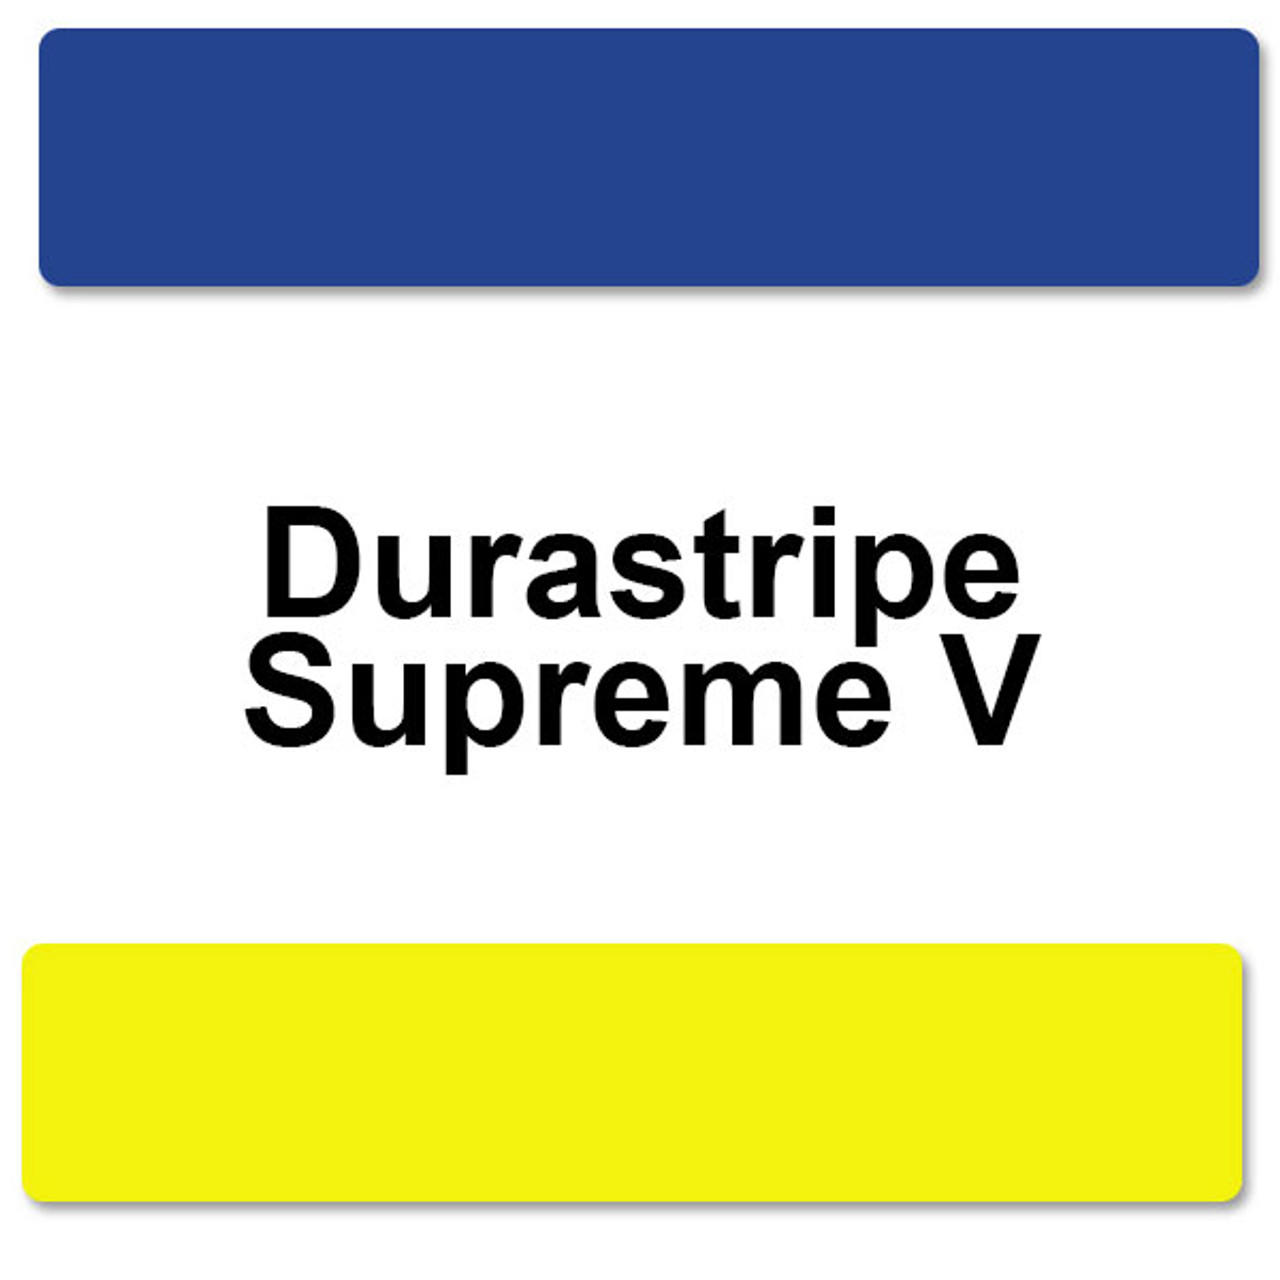 Durastripe Supreme V Rounded Strips